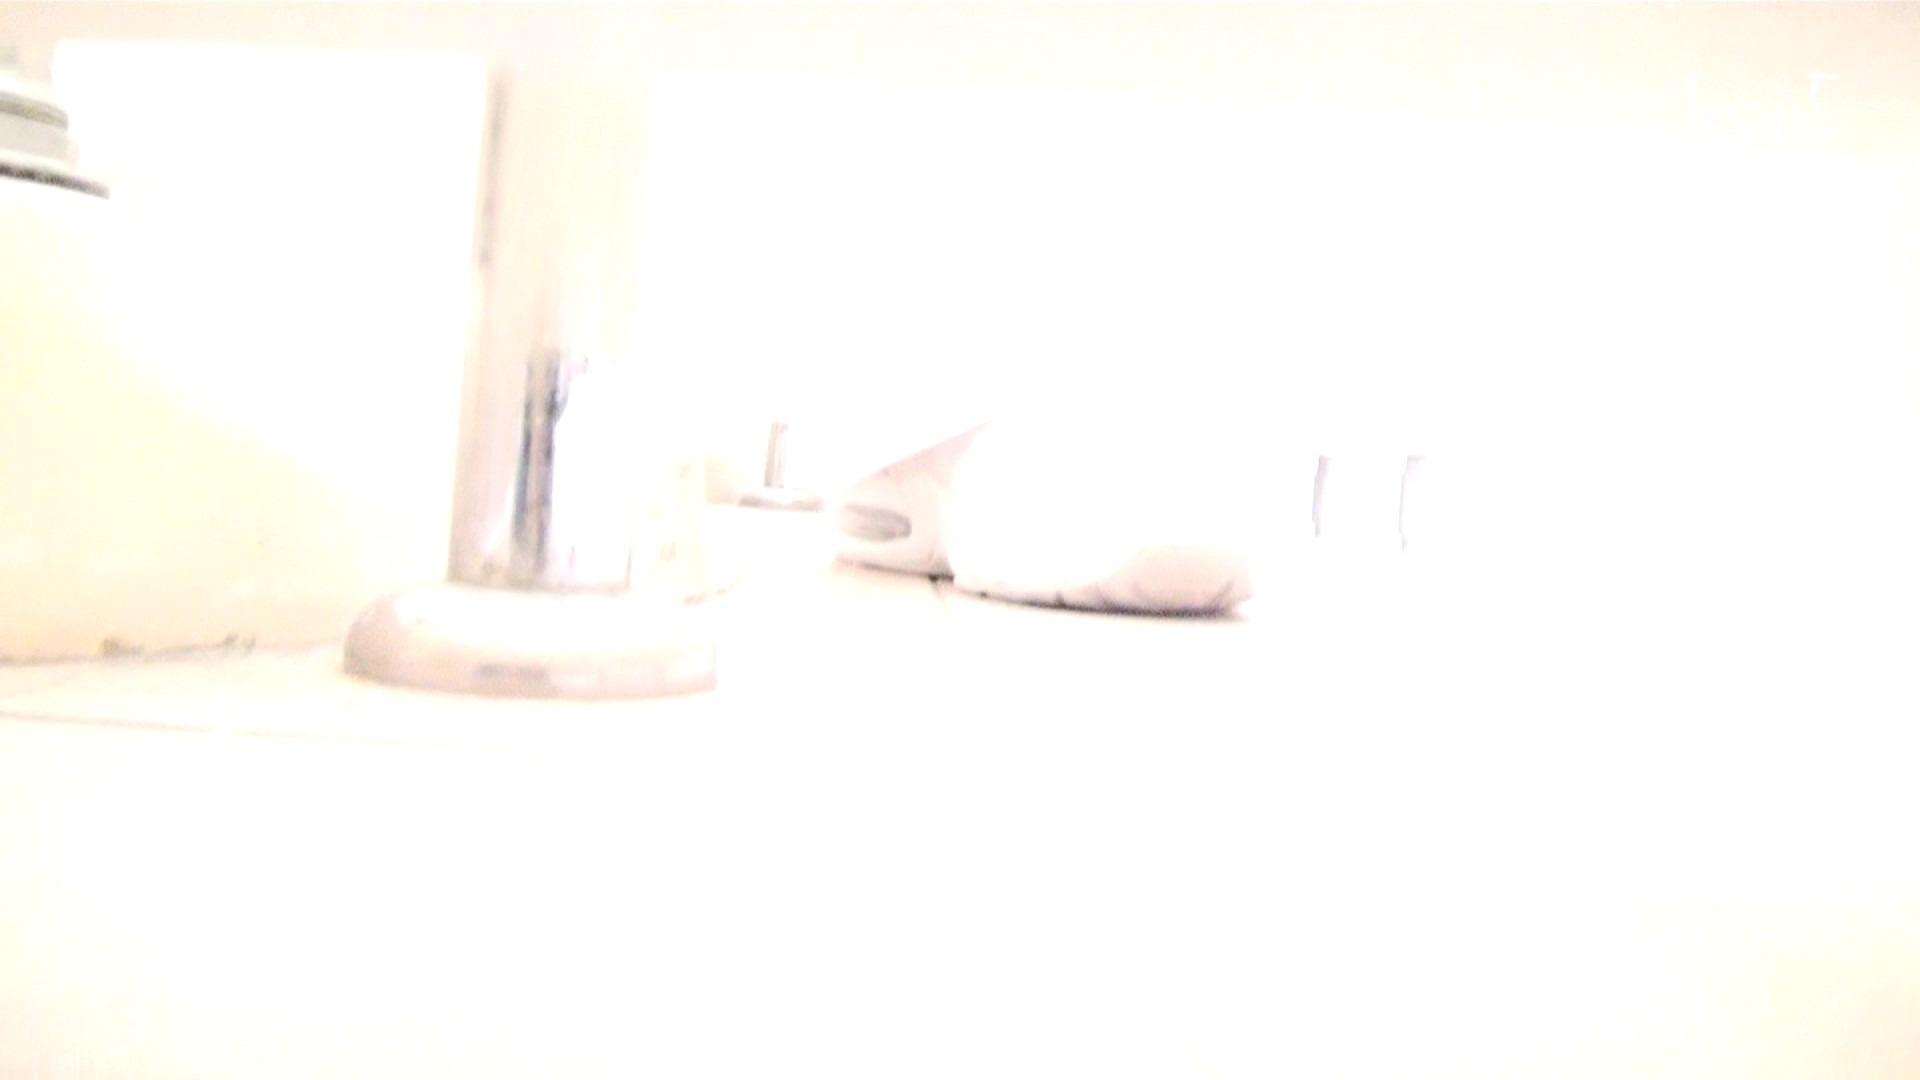 至高下半身盗撮-PREMIUM-【院内病棟編 】 vol.05 ナース丸裸 おめこ無修正動画無料 75pic 49